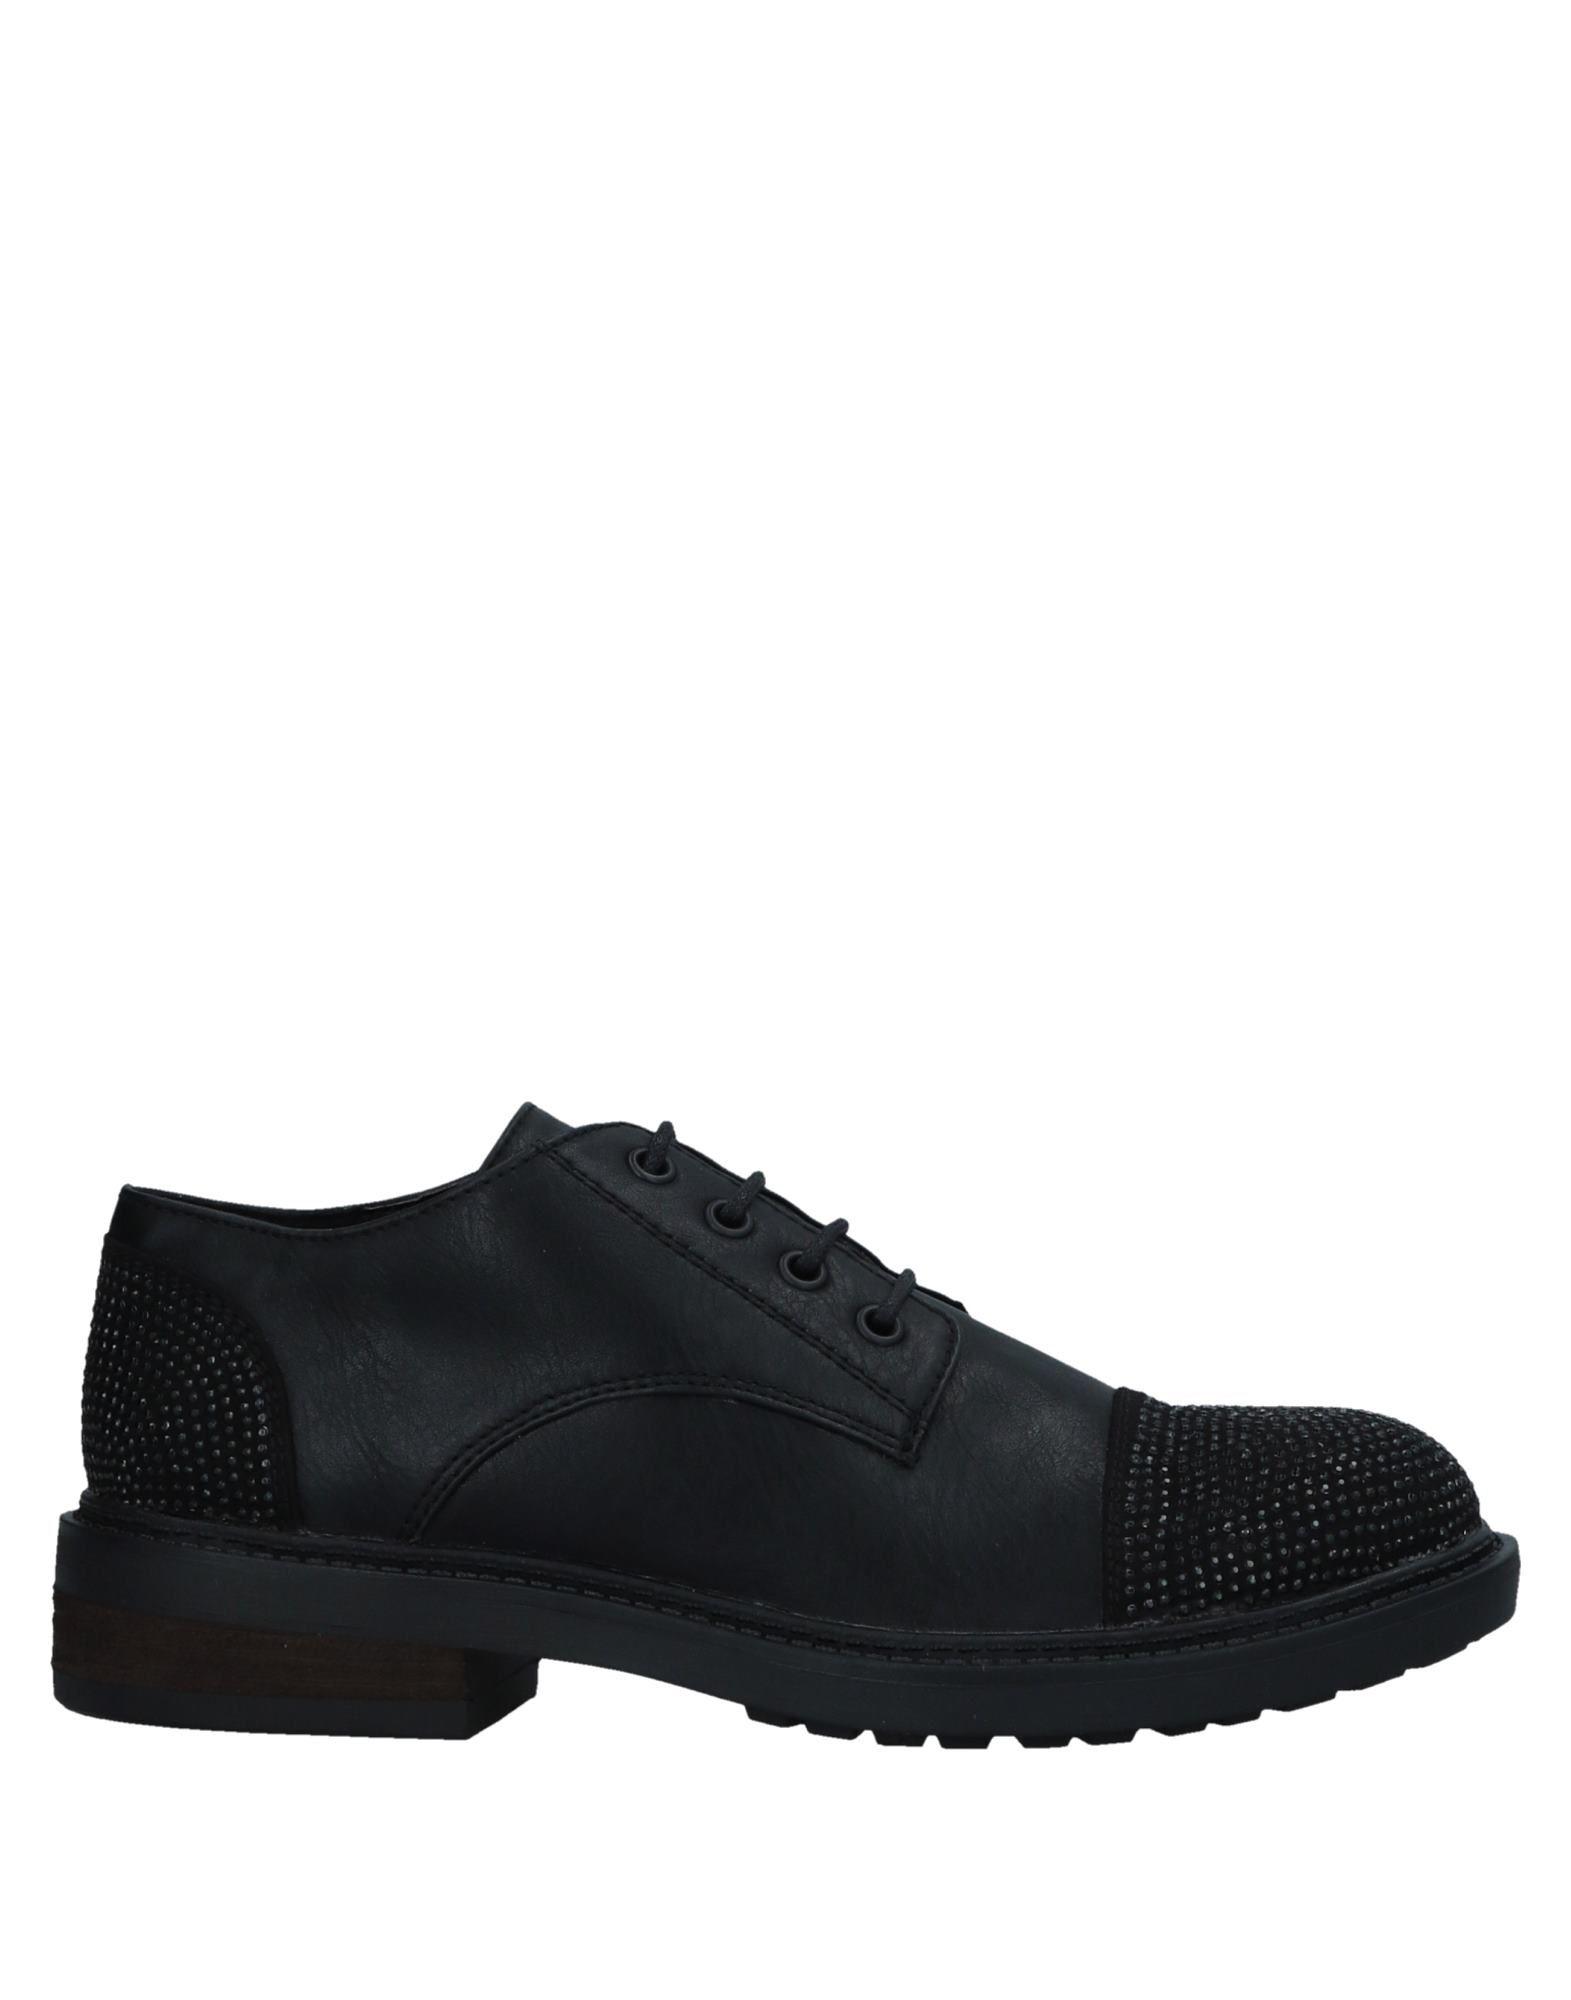 Фото - PRIMADONNA Обувь на шнурках обувь на высокой платформе dkny